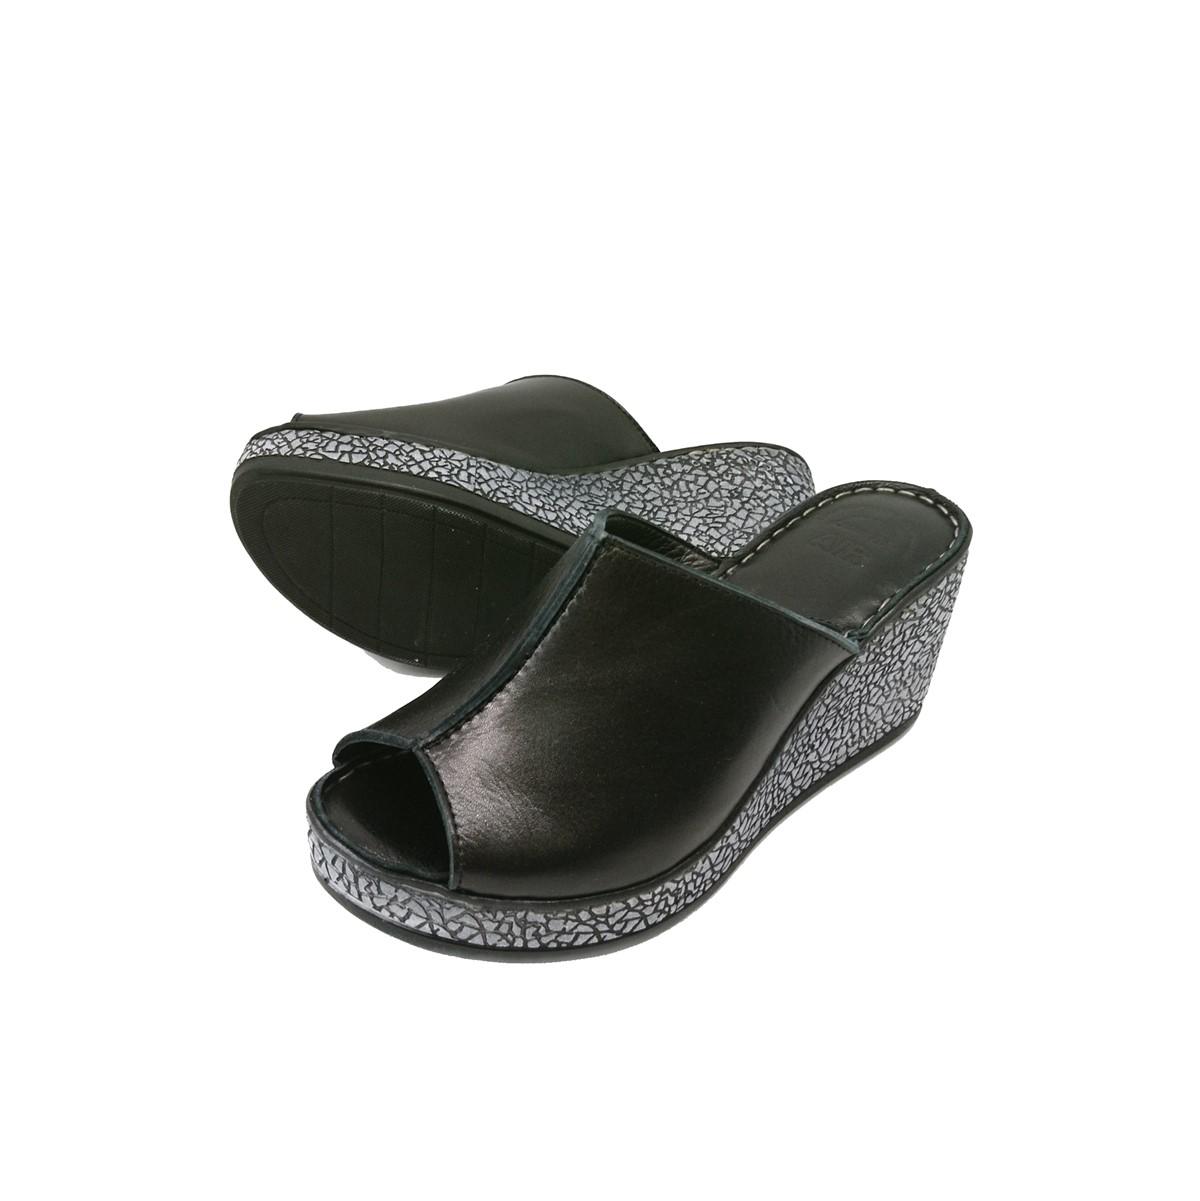 Boxer Sandals 96048 10-011 Πλατφόρμες Μαύρο.